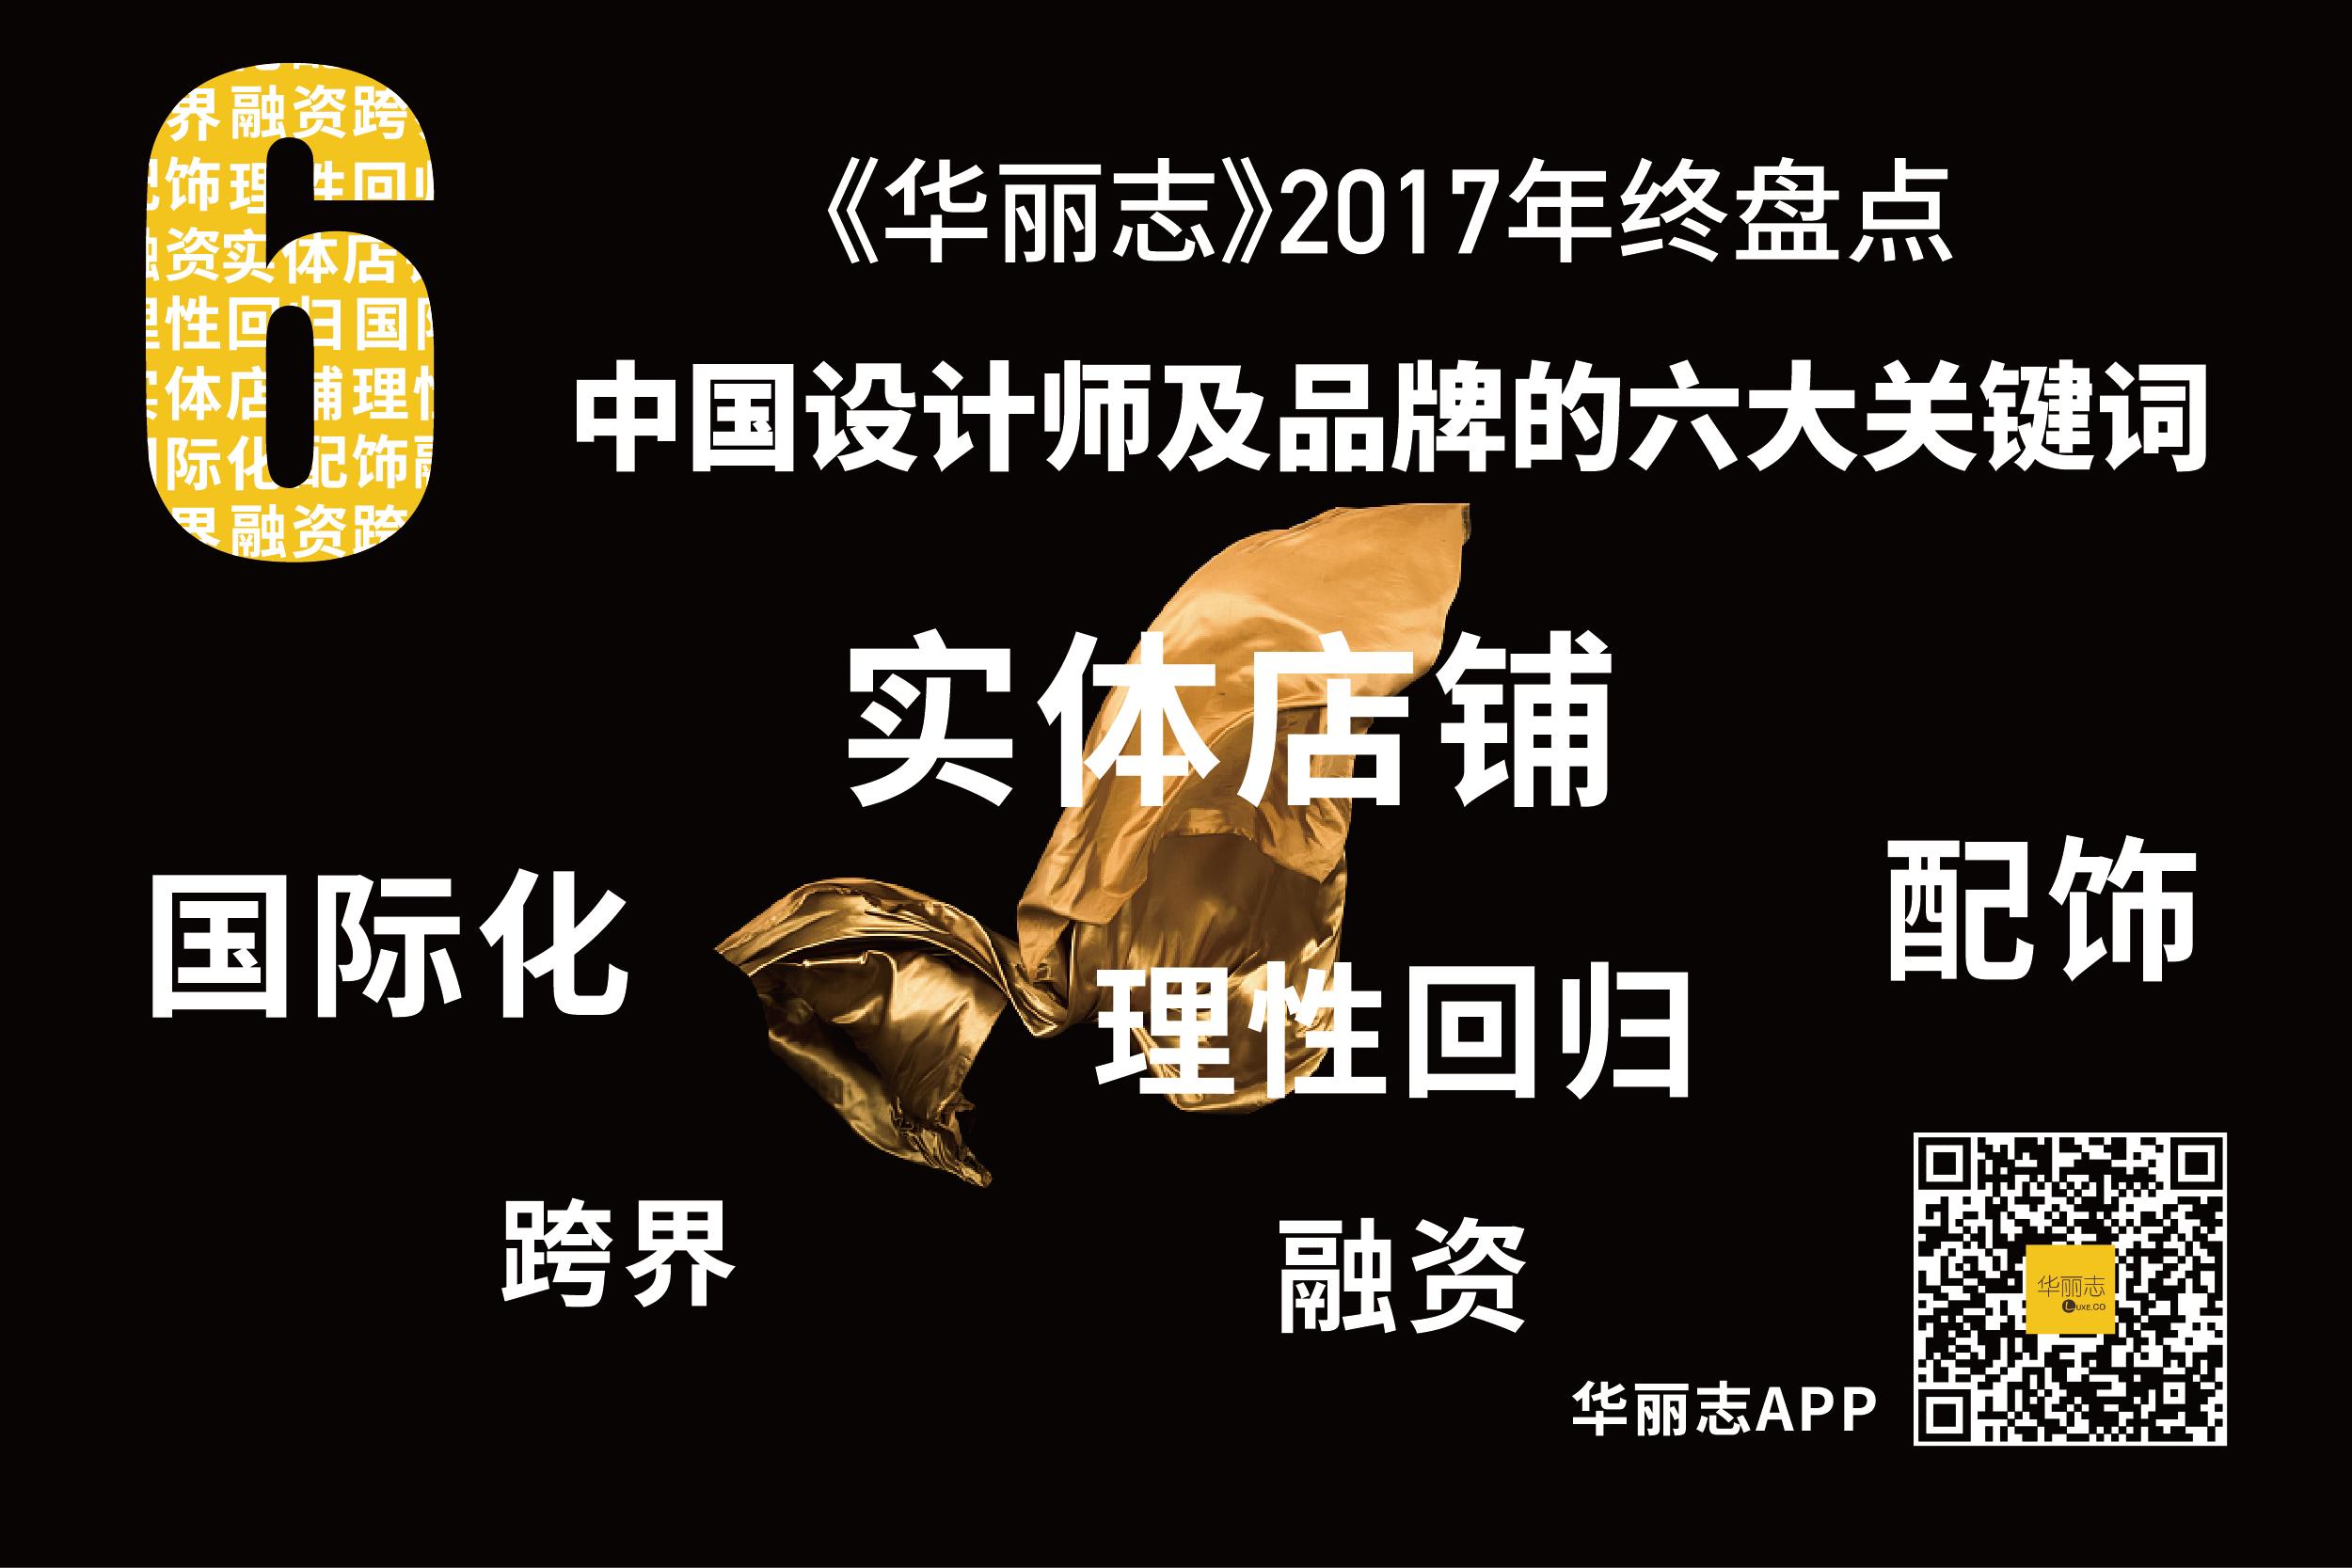 见证中国设计师品牌的螺旋式成长! 《华丽志》年终盘点2017年度六大关键词